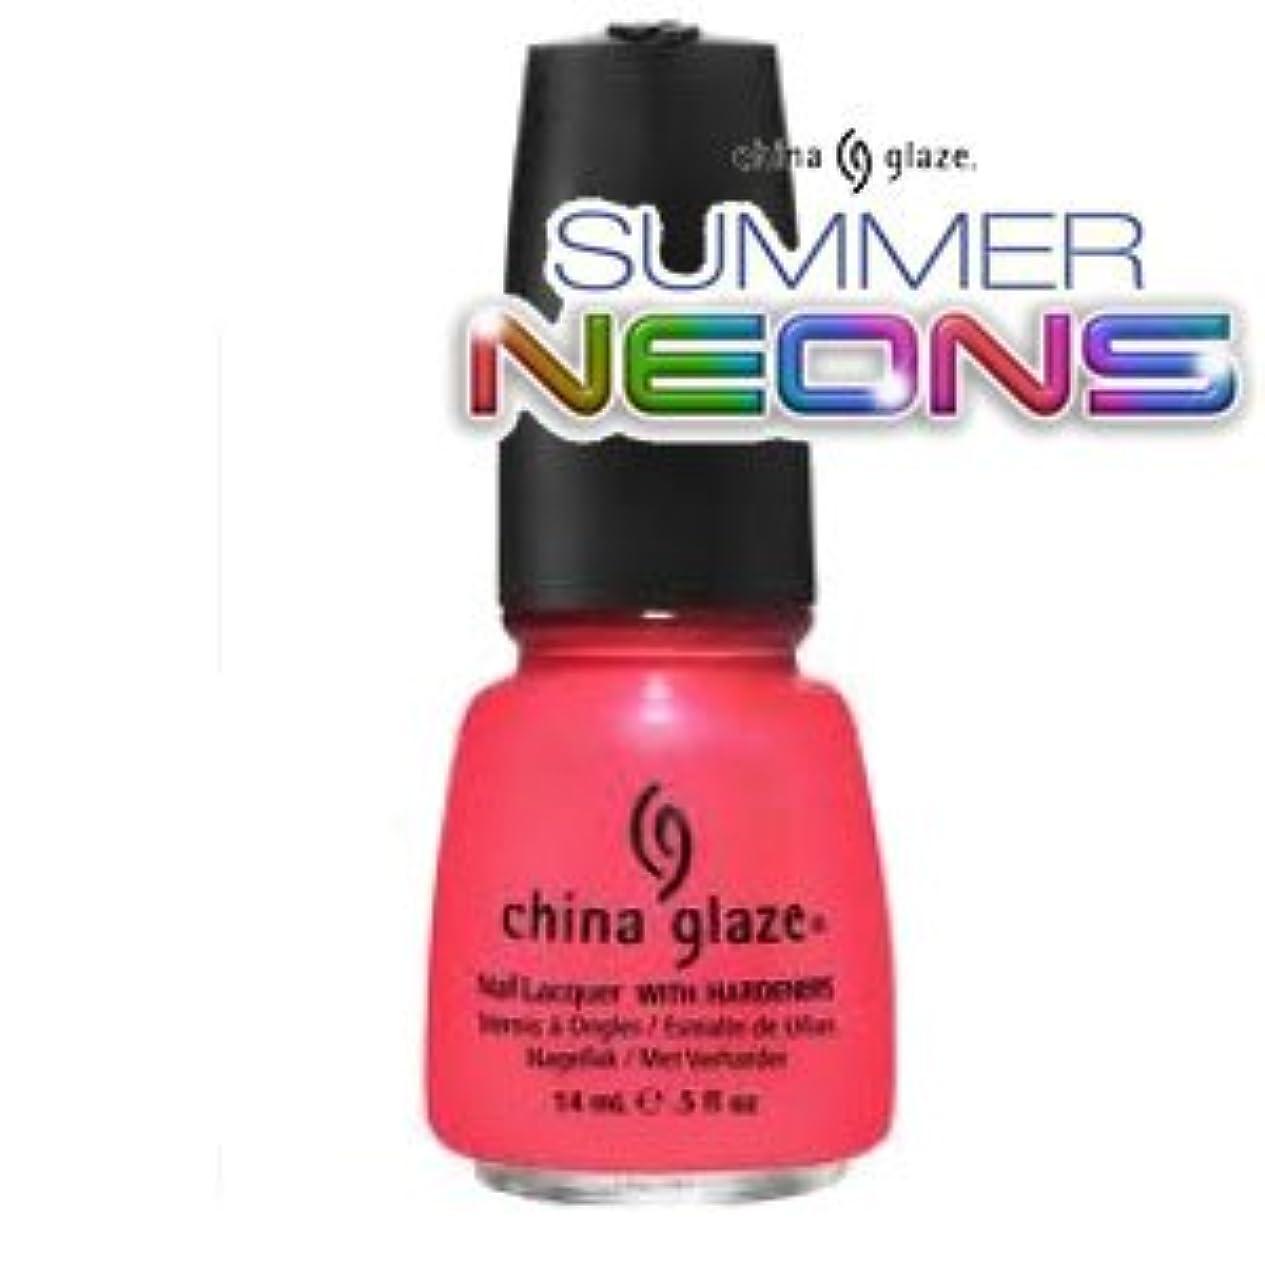 馬鹿げたコウモリキャッチ(チャイナグレイズ)China Glaze Flirty Tankiniーサマーネオン コレクション [海外直送品][並行輸入品]